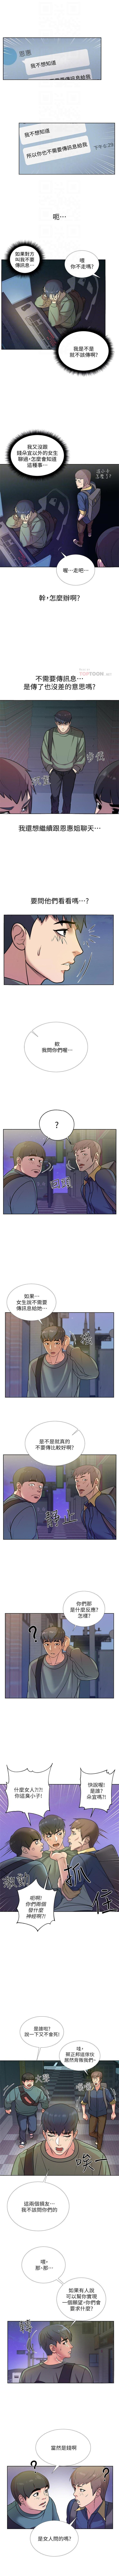 (週3)超市的漂亮姐姐 1-22 中文翻譯(更新中) 50